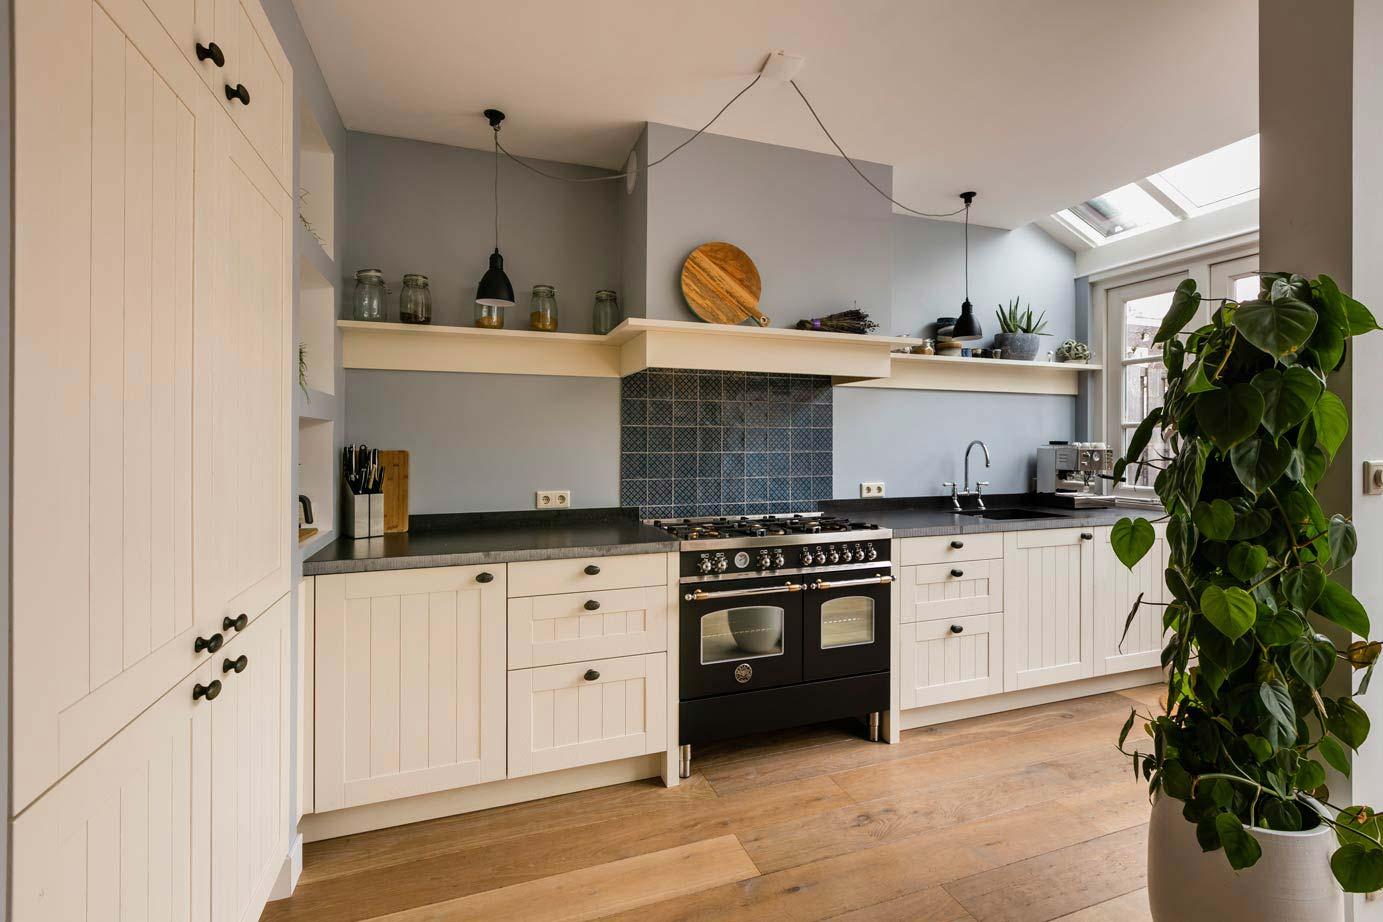 Keuken Landelijk Modern : Landelijke keukens volledige ontzorging perfecte keuken arma